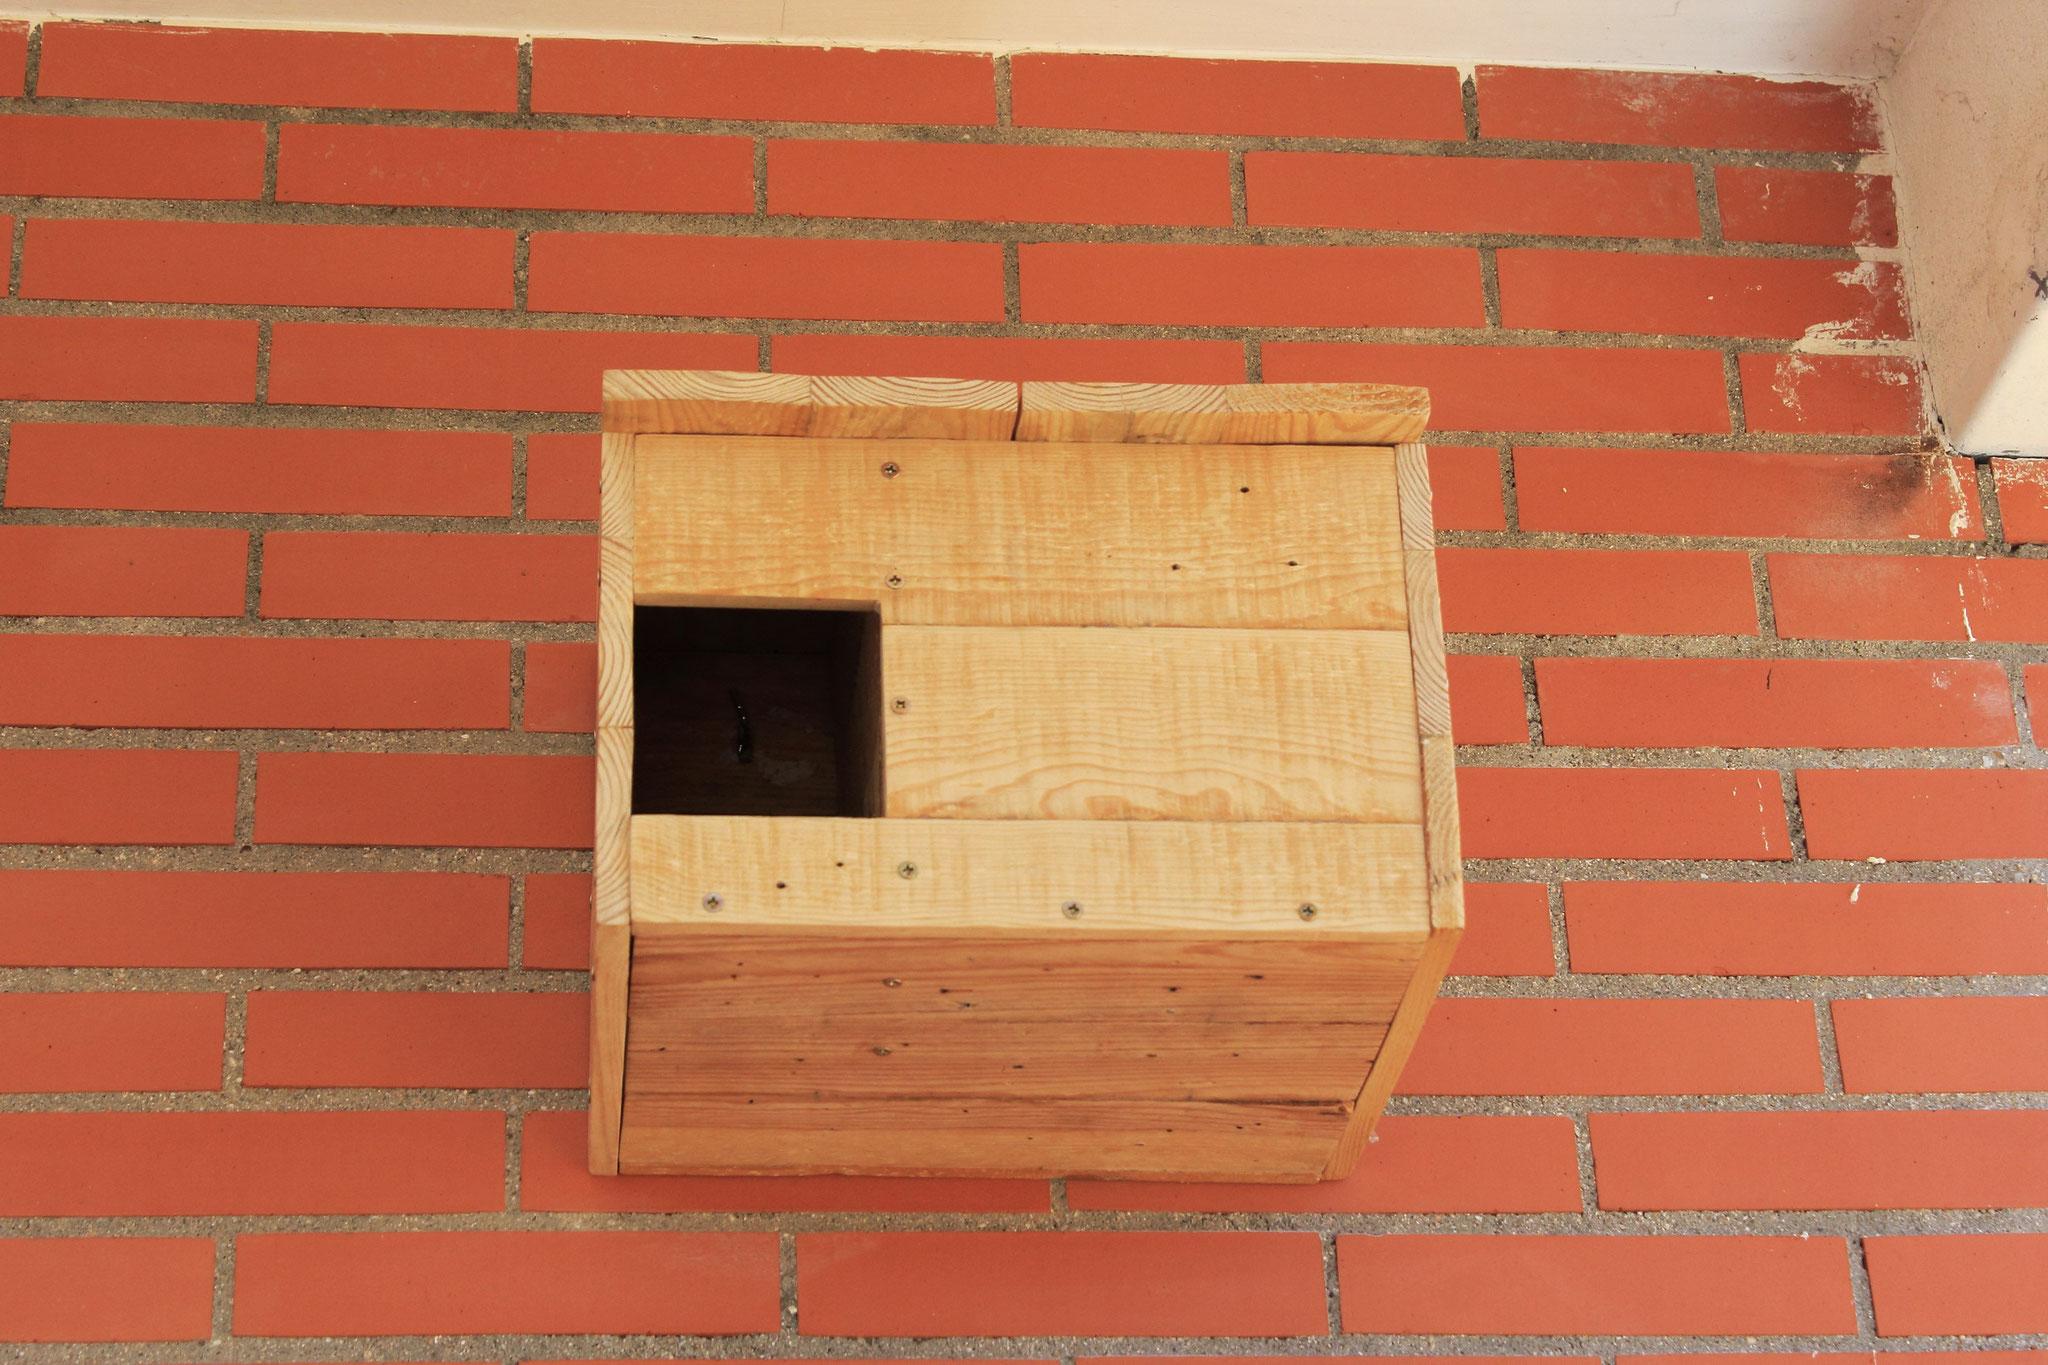 Vista frontal. Caja nido de mochuelo instalada en el IES Fernando Fernán Gomez (Humanes de Madrid)